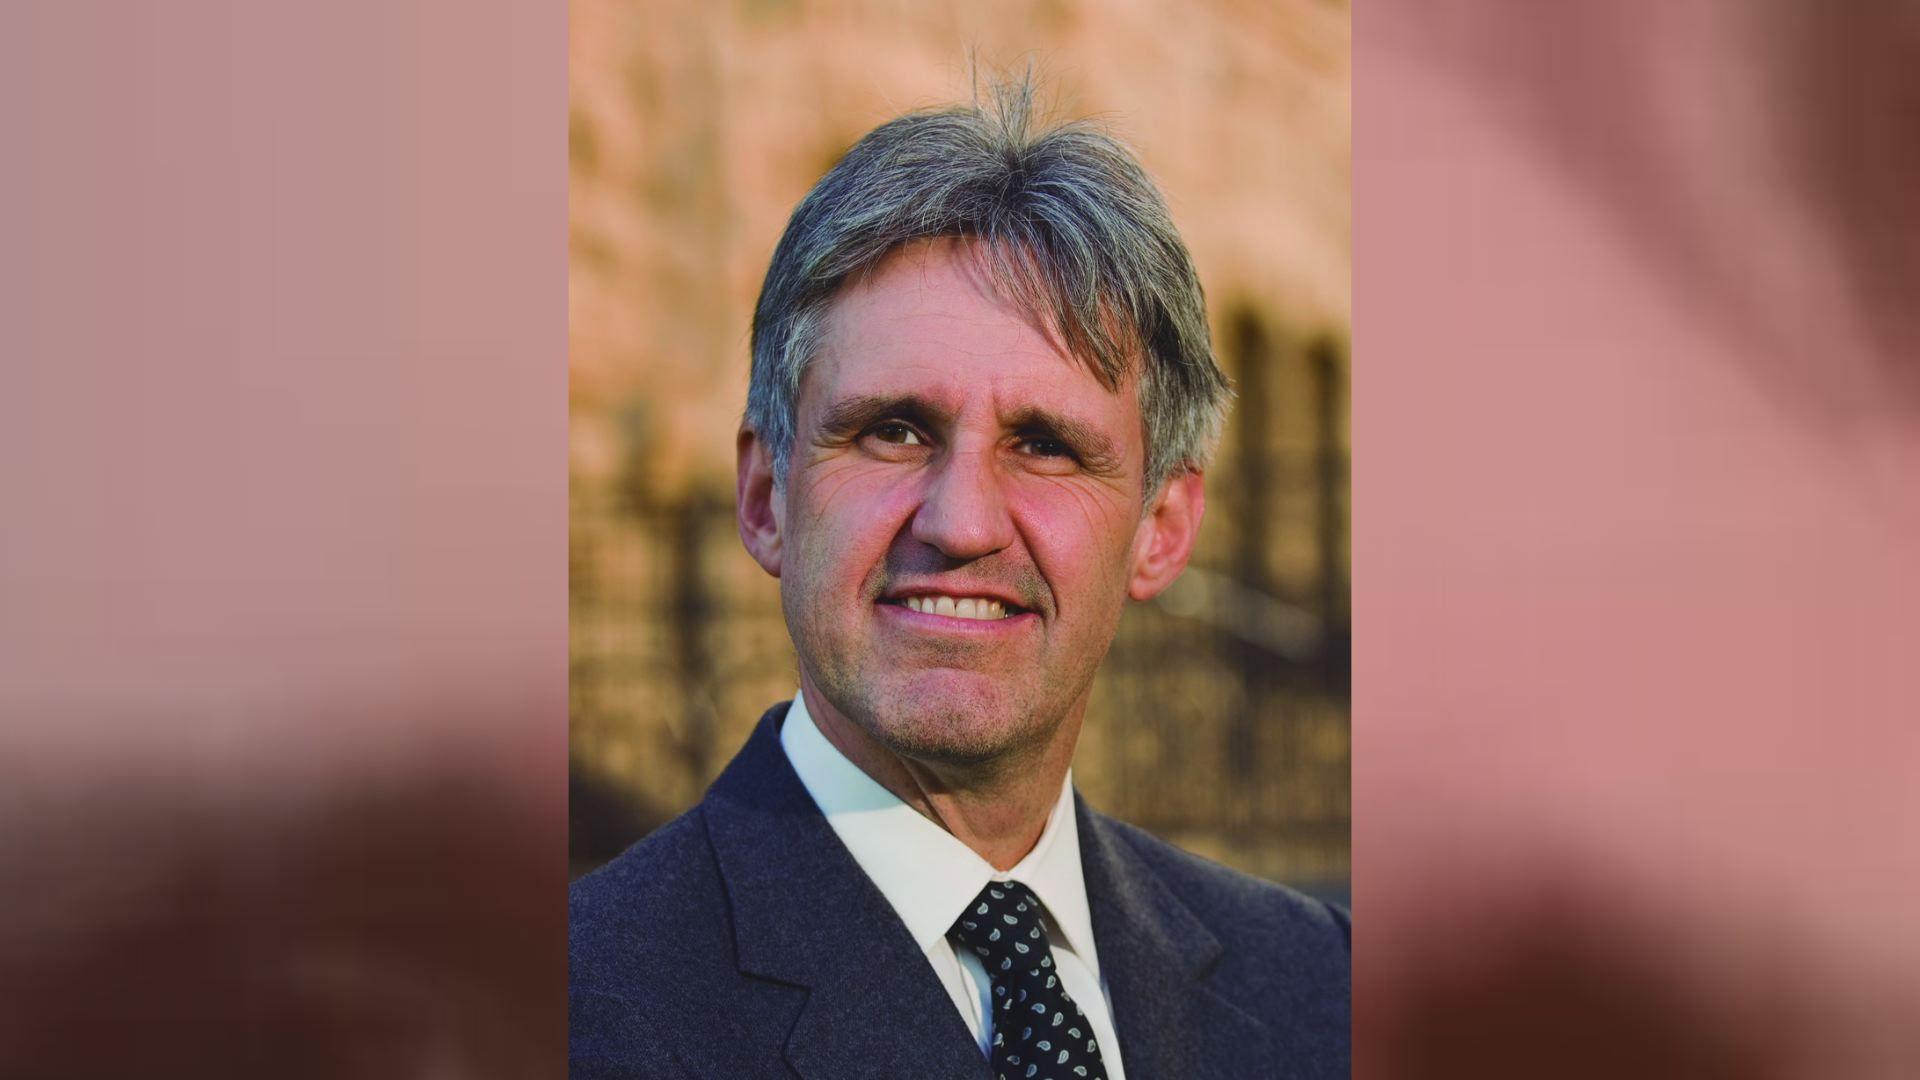 El mundo toma distancias.Ian Morris es arqueólogo, historiador y profesor en la Universidad de Stanford